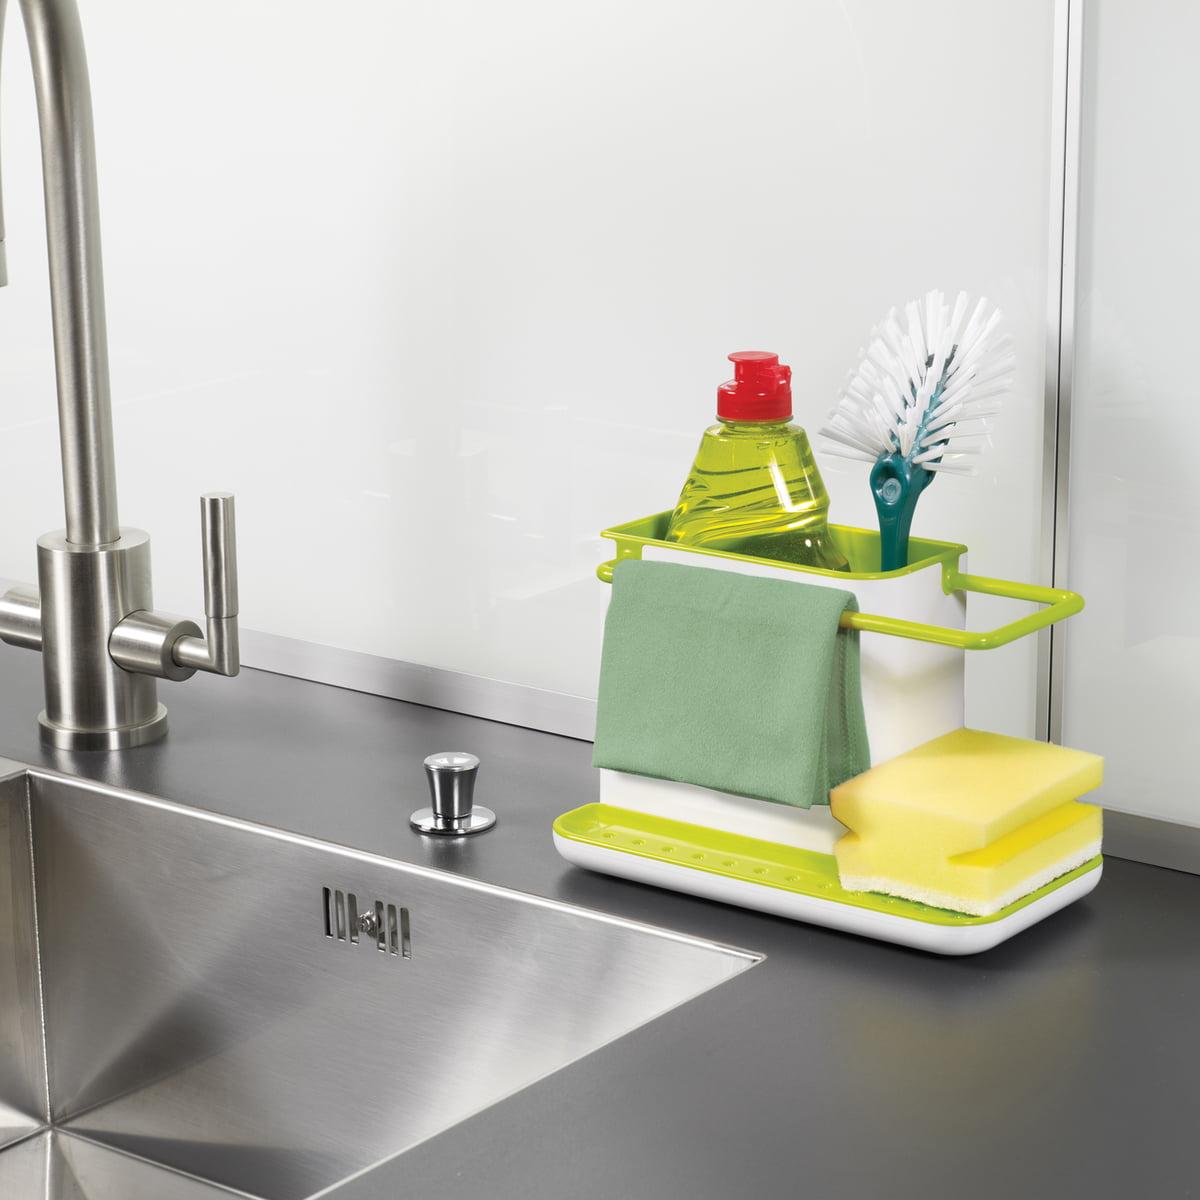 Sidste nye Caddy holder til opvaskeremedier fra Joseph Joseph OO-56